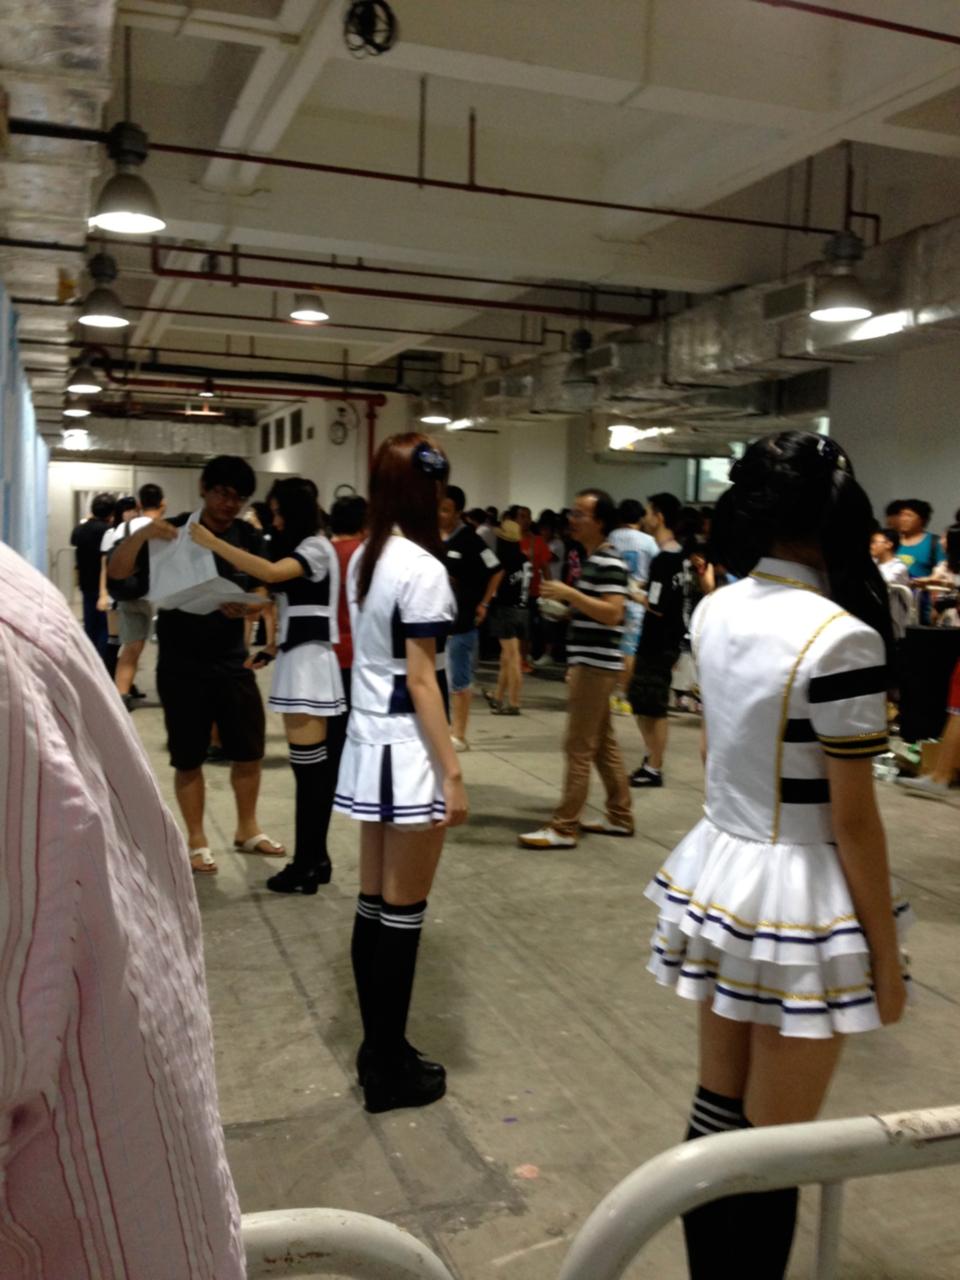 【SNH48】許佳琪(KIKI)推しさんの握手会&写メ会&サイン会レポート(2014/7/27)